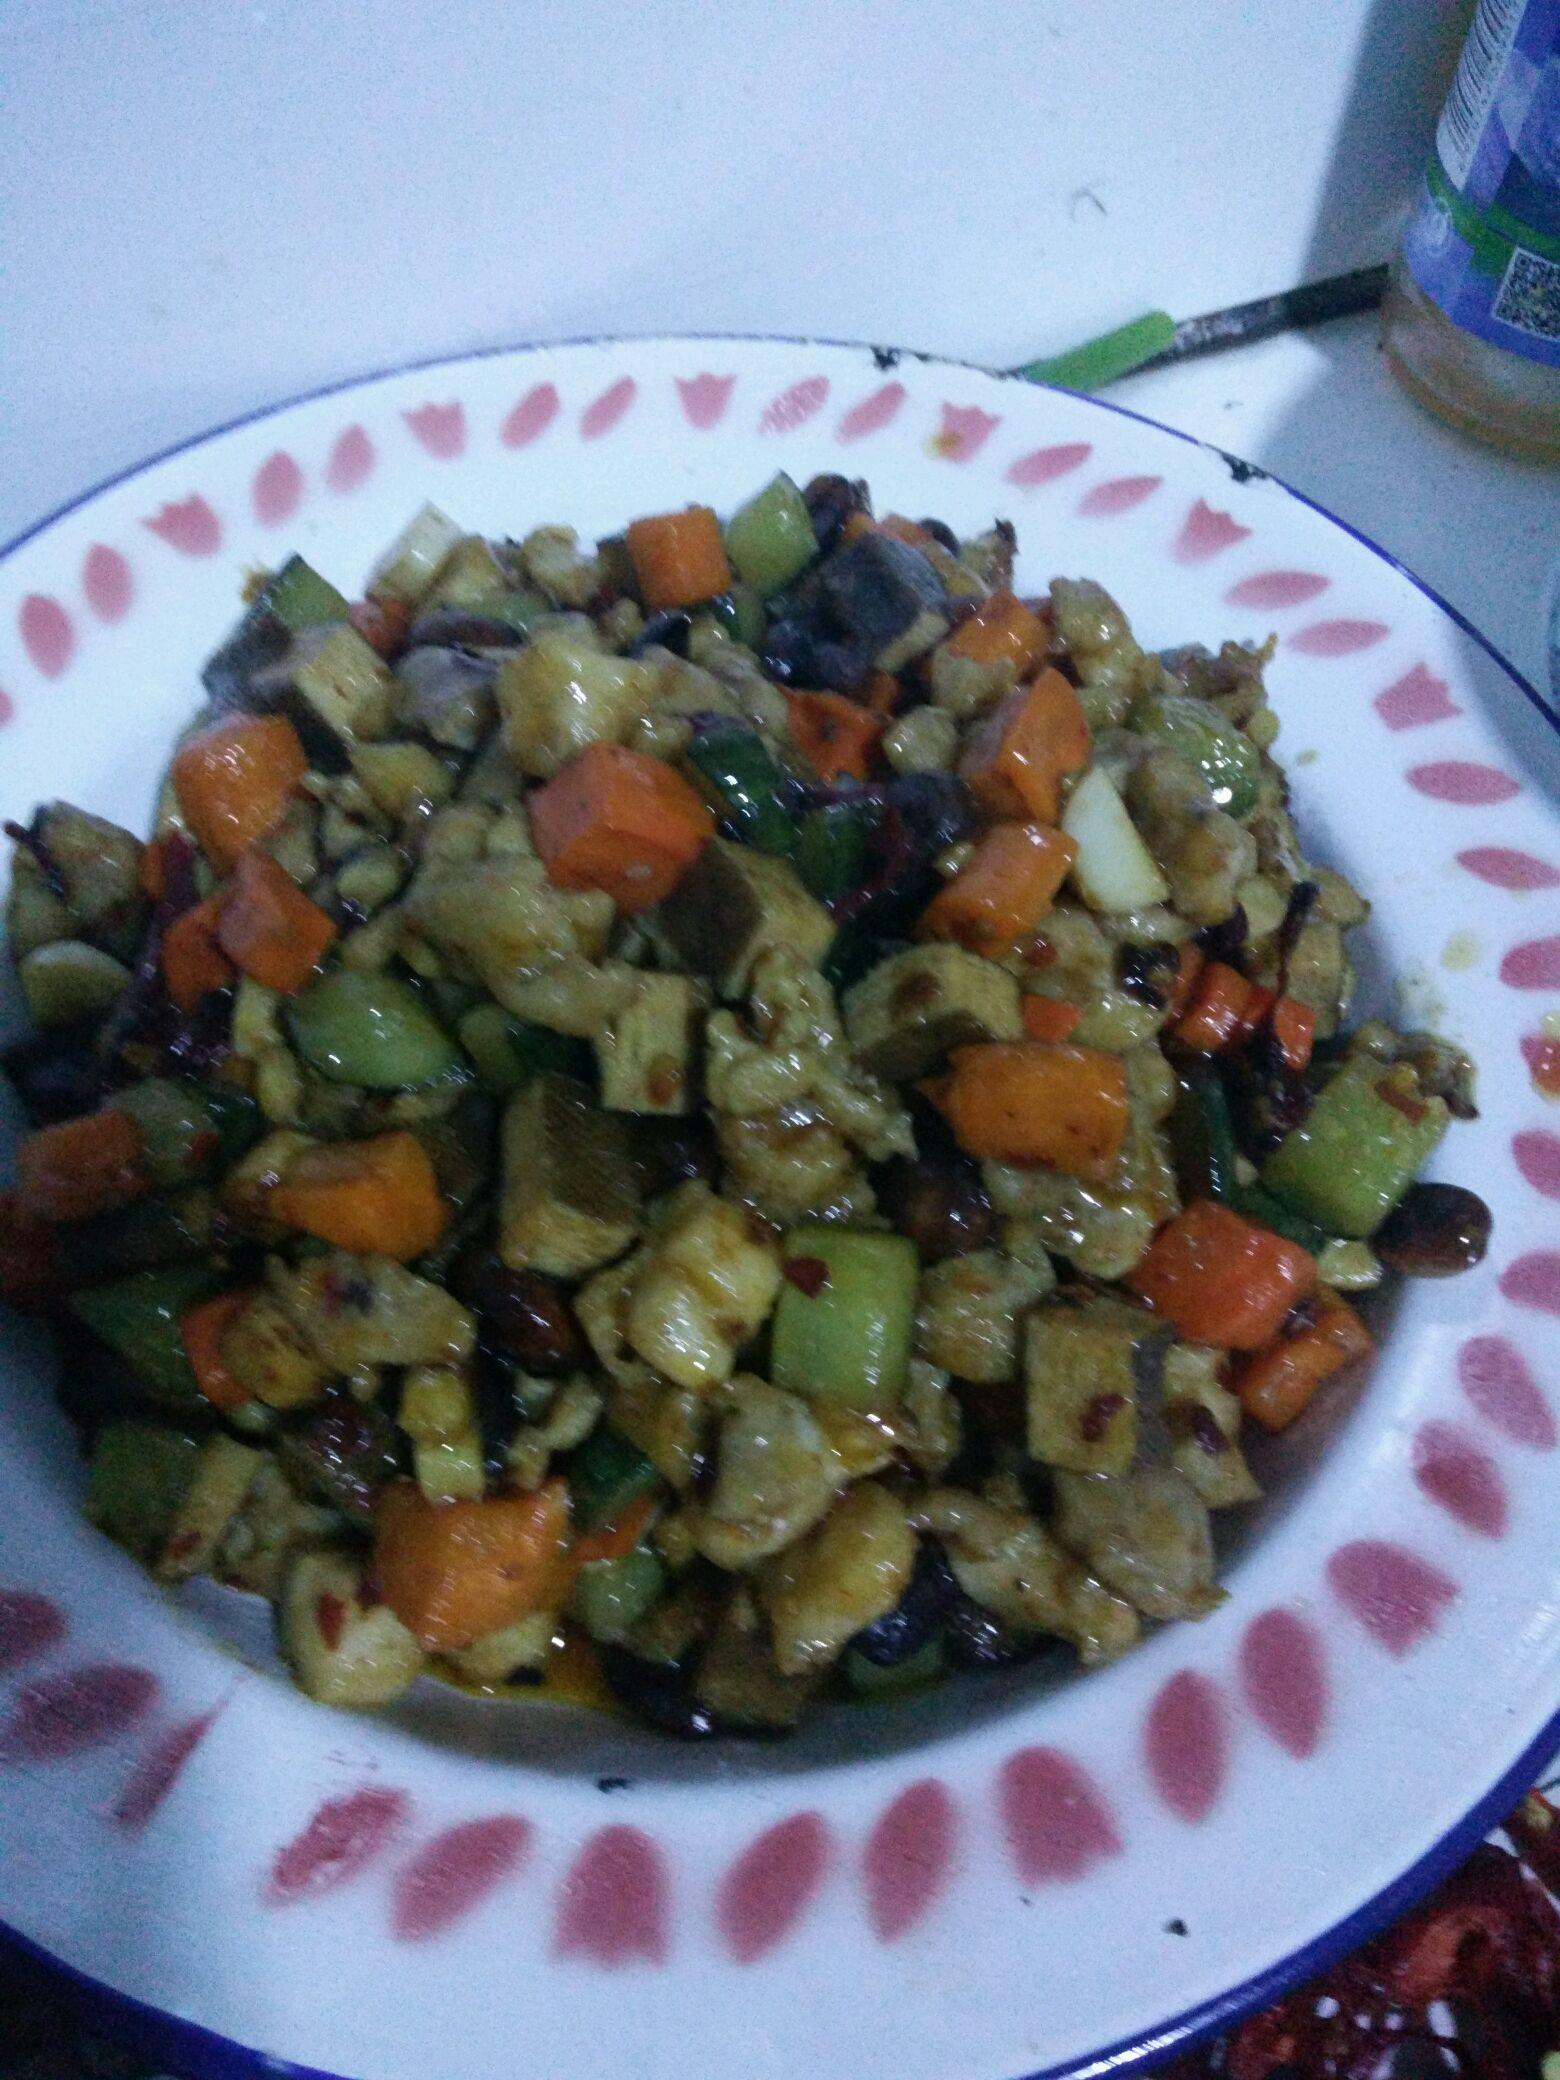 淀粉(宫保汁)2勺 食用油(宫保汁)适量 家常菜宫保鸡丁的做法步骤 2.